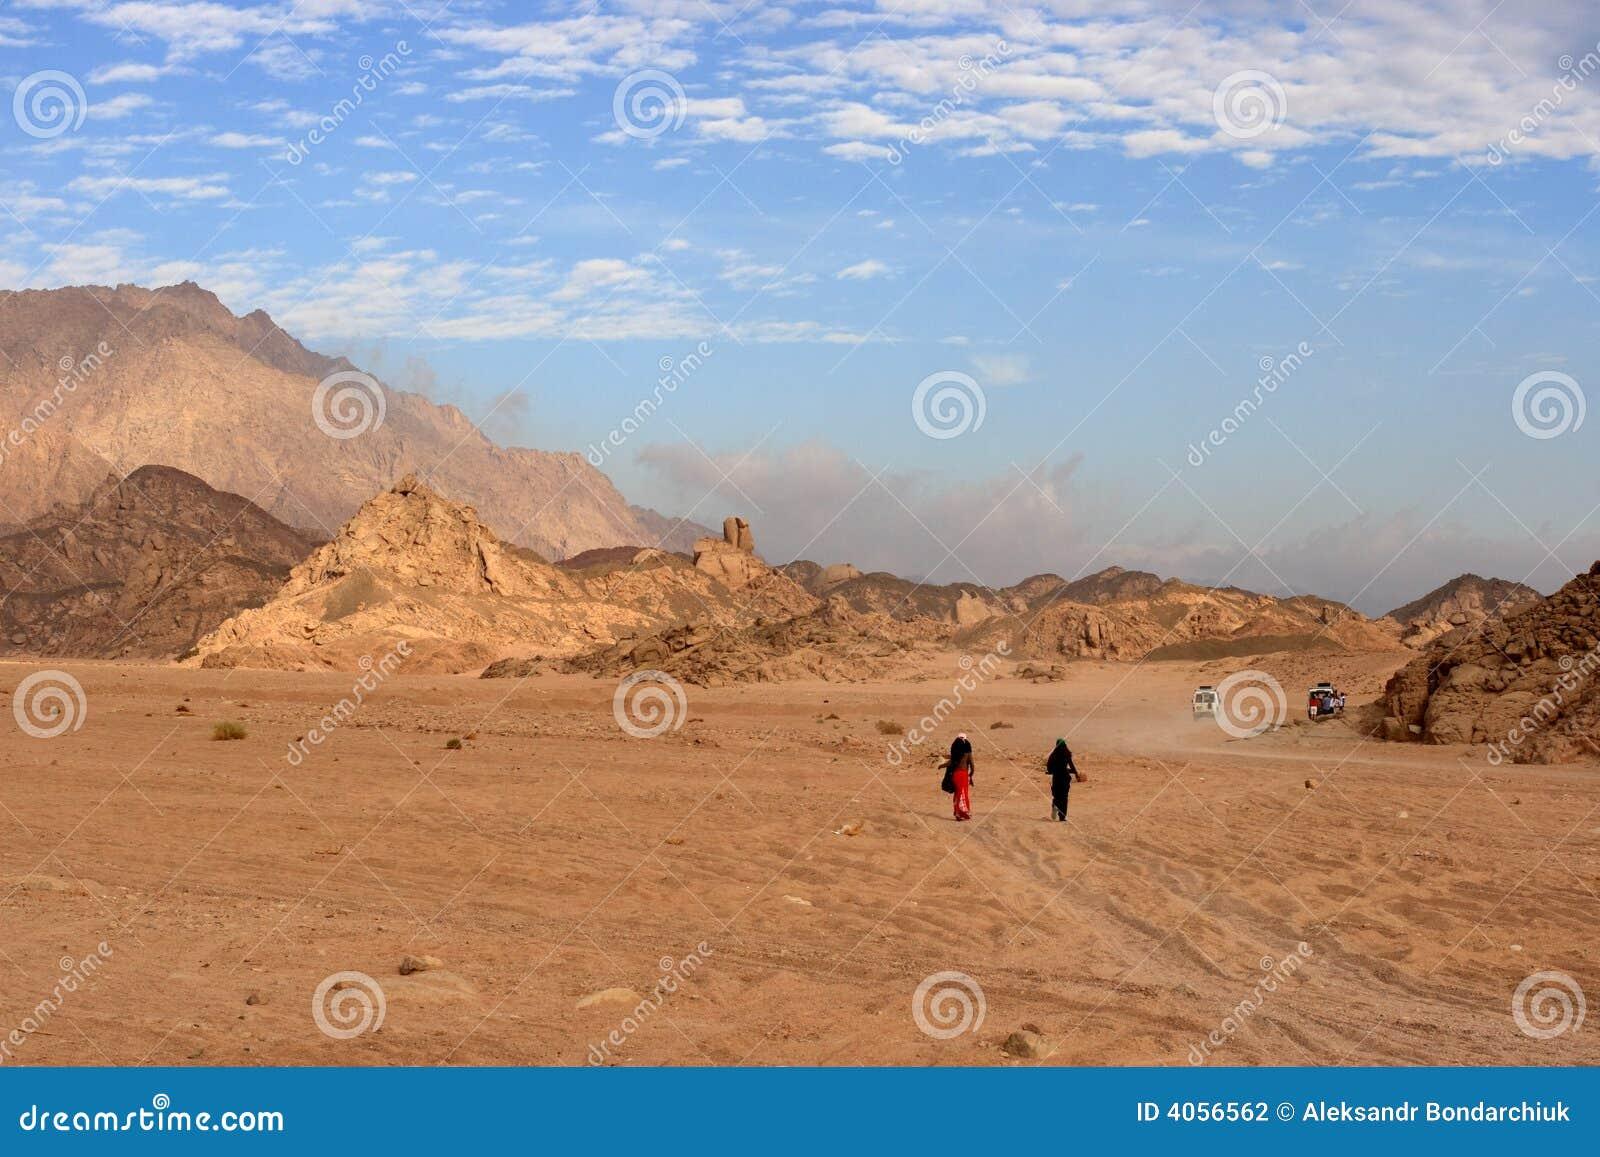 Egiptu